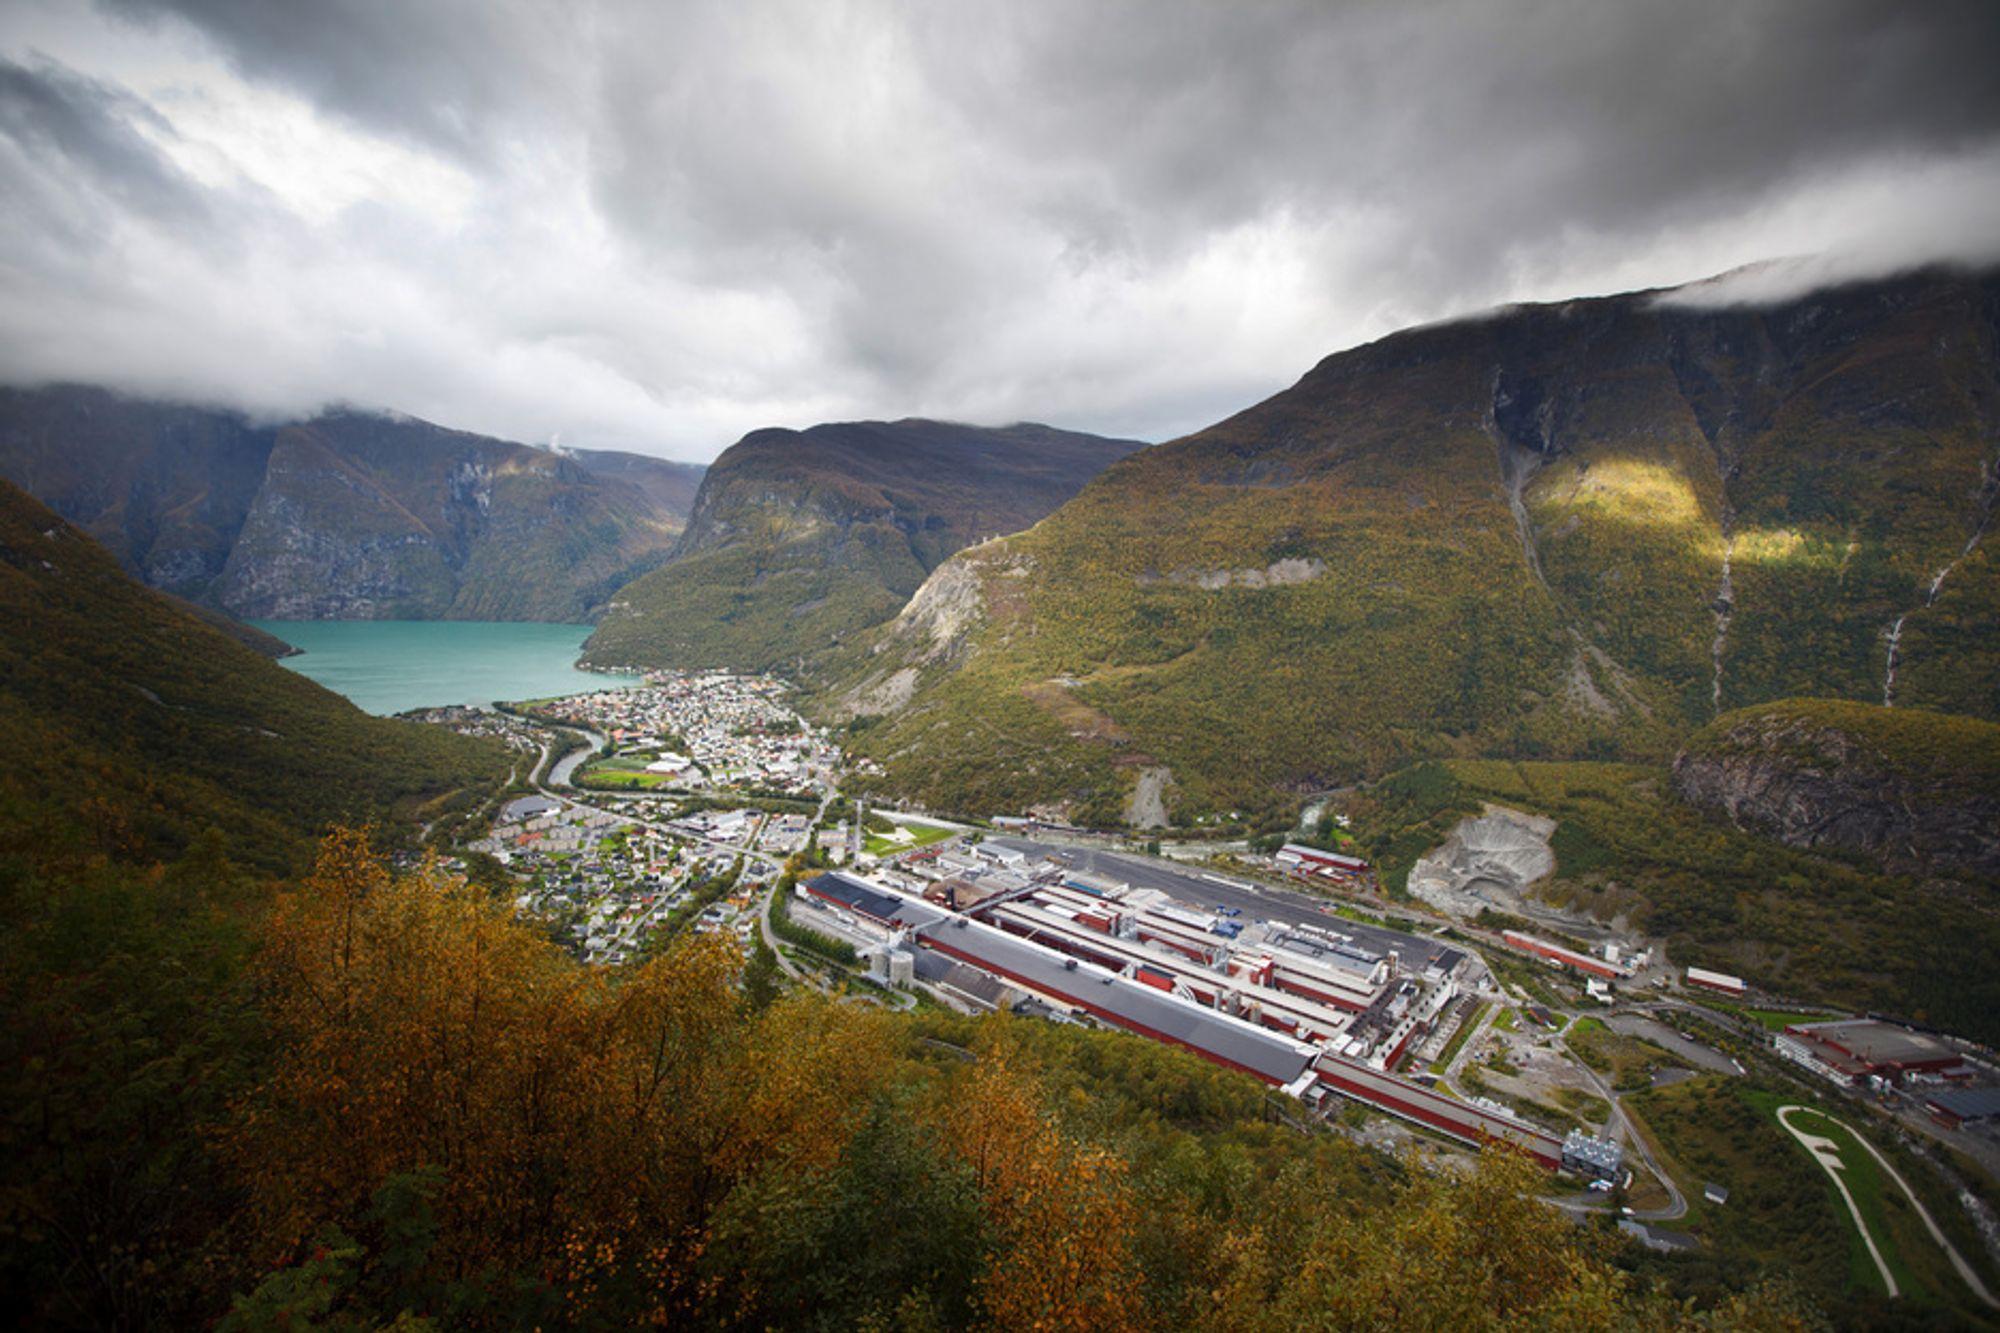 OFFENSIVT MÅL: Mellom bratte fjell innerst i Sognefjorden forsker Hydro på aluminiumsceller som skal bruke mindre energi. Målet er å komme helt ned på 10 kWh per kilo aluminium.